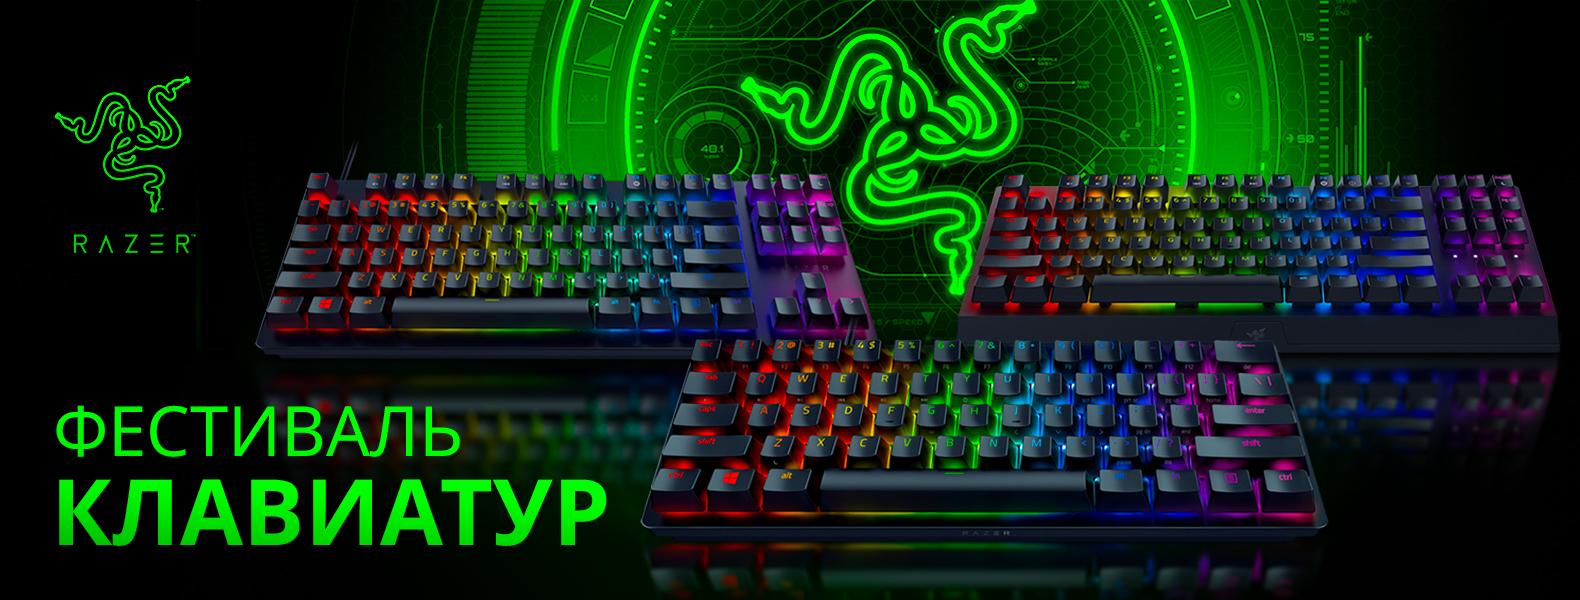 Фестиваль игровых клавиатур Razer